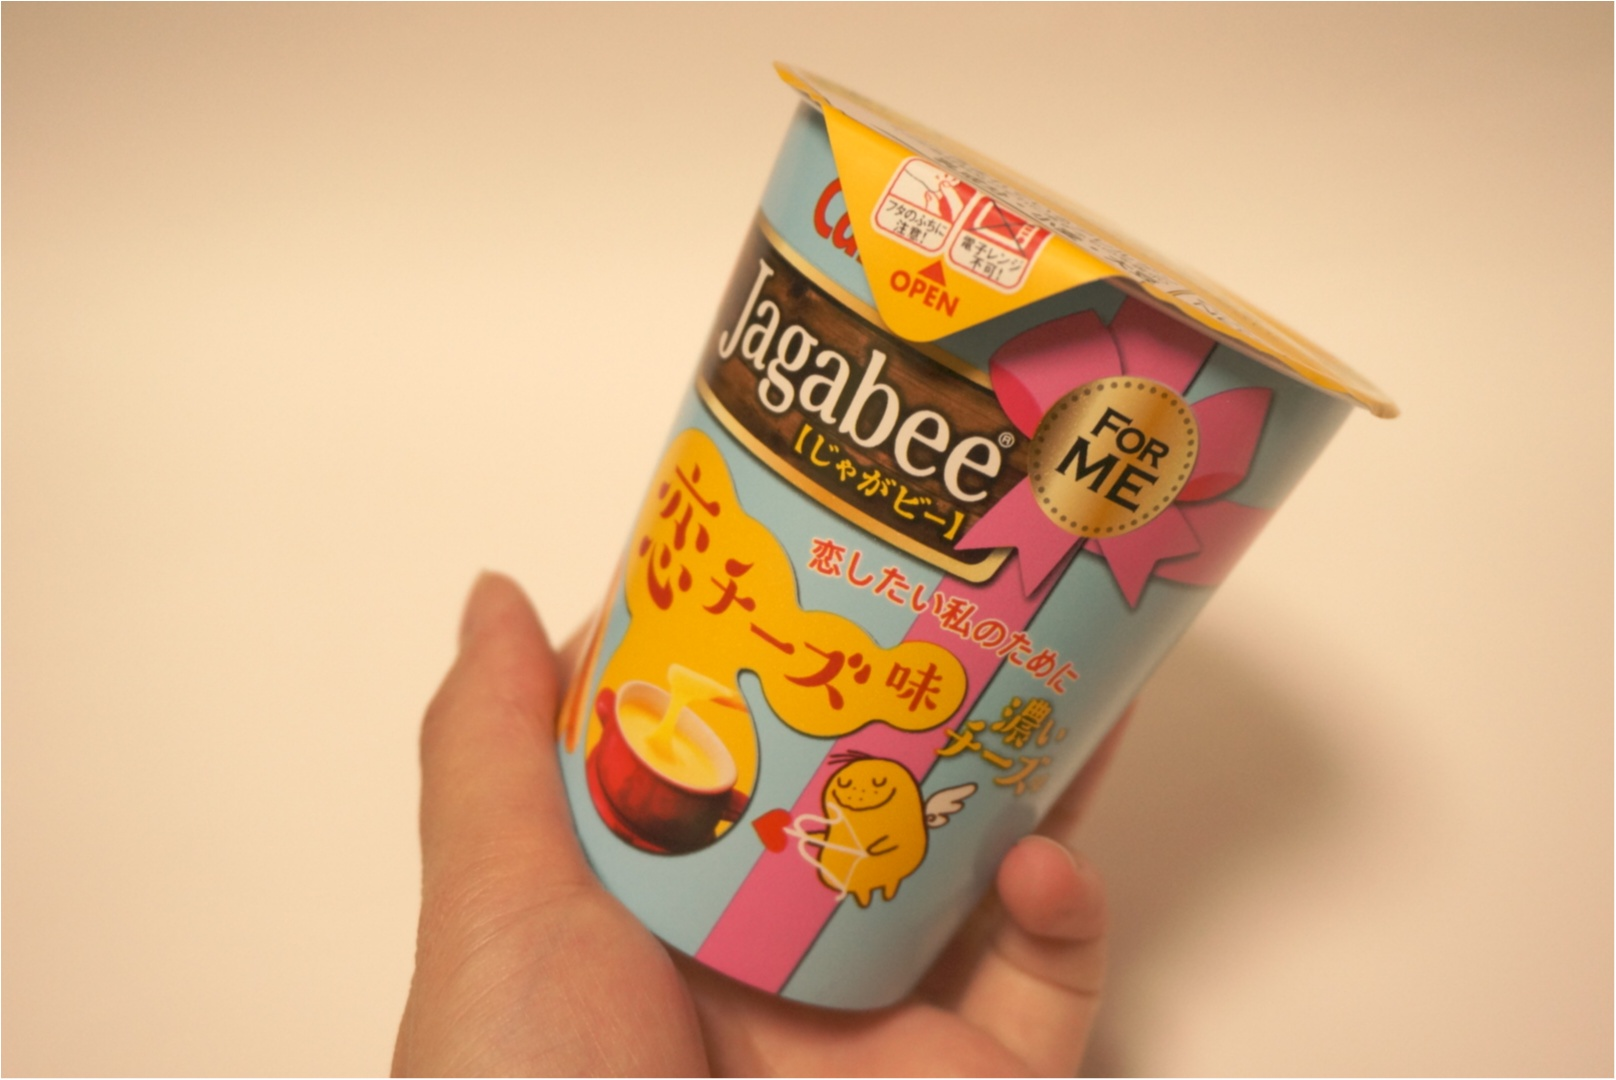 《とろけるような恋がしたい♡》セブン&アイグループ限定‼︎大人気菓子【Jagabee】の新商品は『恋チーズ』味♪_4